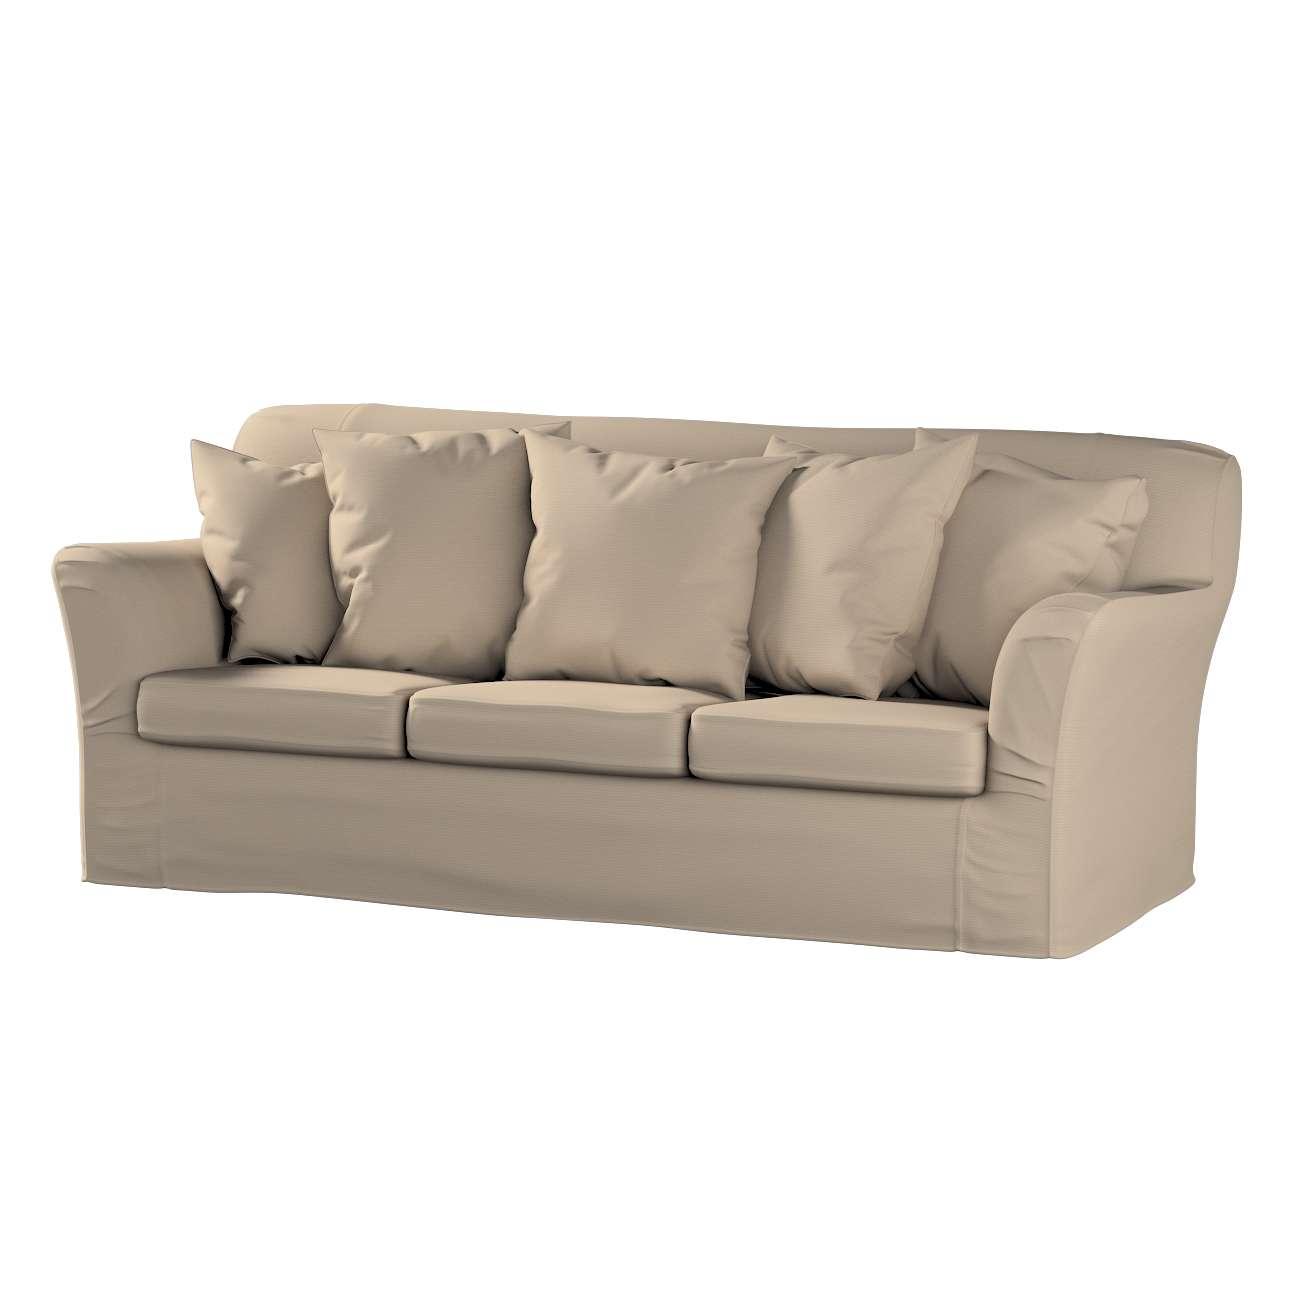 TOMELILLA  trivietės sofos užvalkalas TOMELILLA trivietė sofa kolekcijoje Cotton Panama, audinys: 702-28